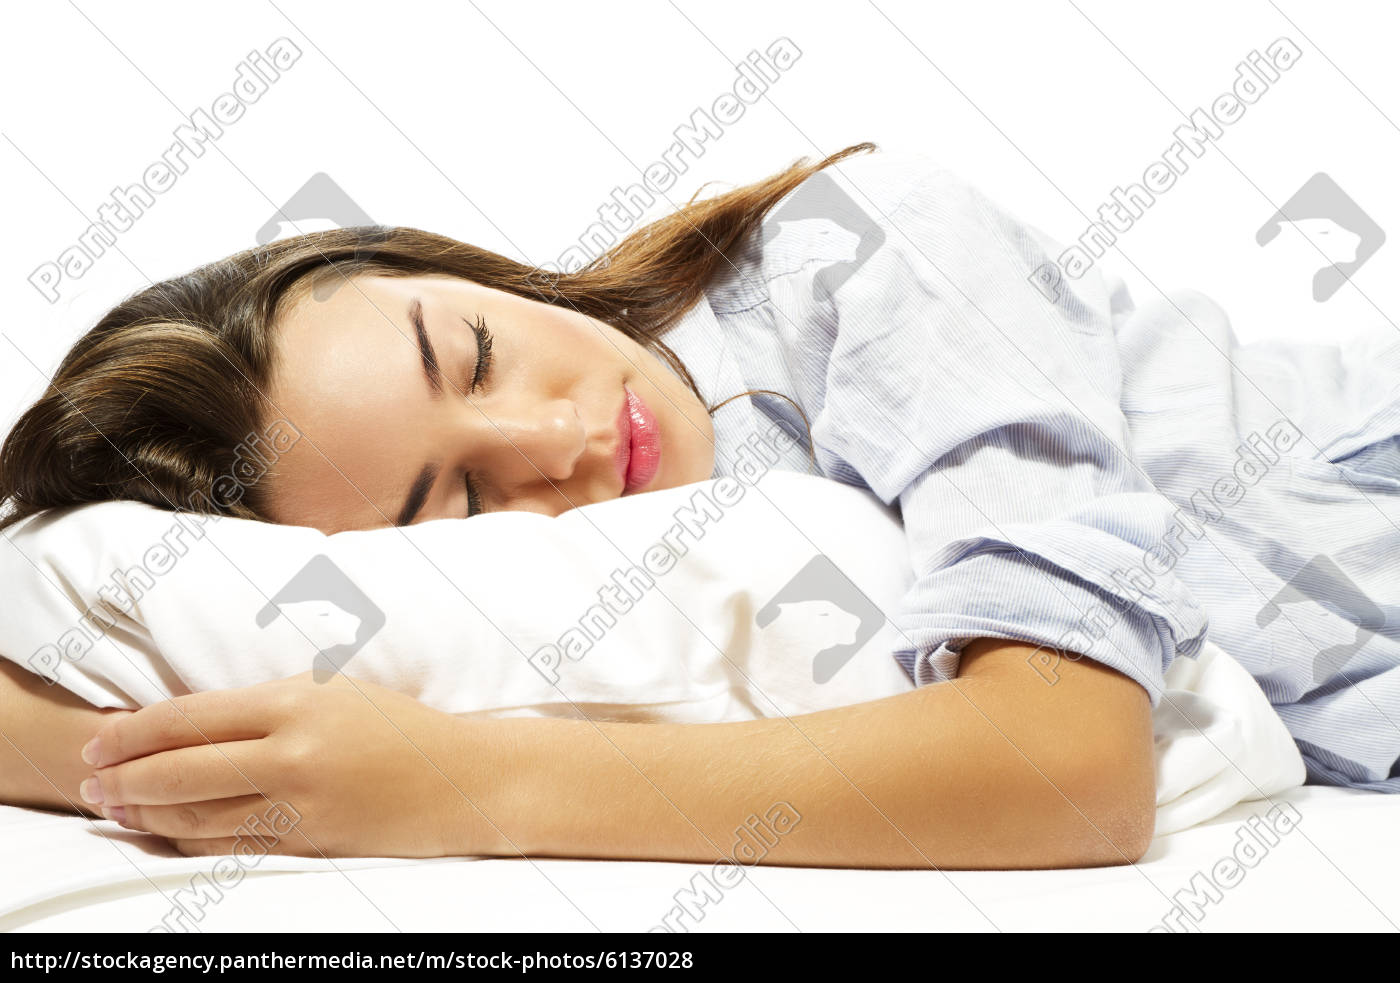 nahaufnahme, einer, schönen, schlafenden, frau - 6137028